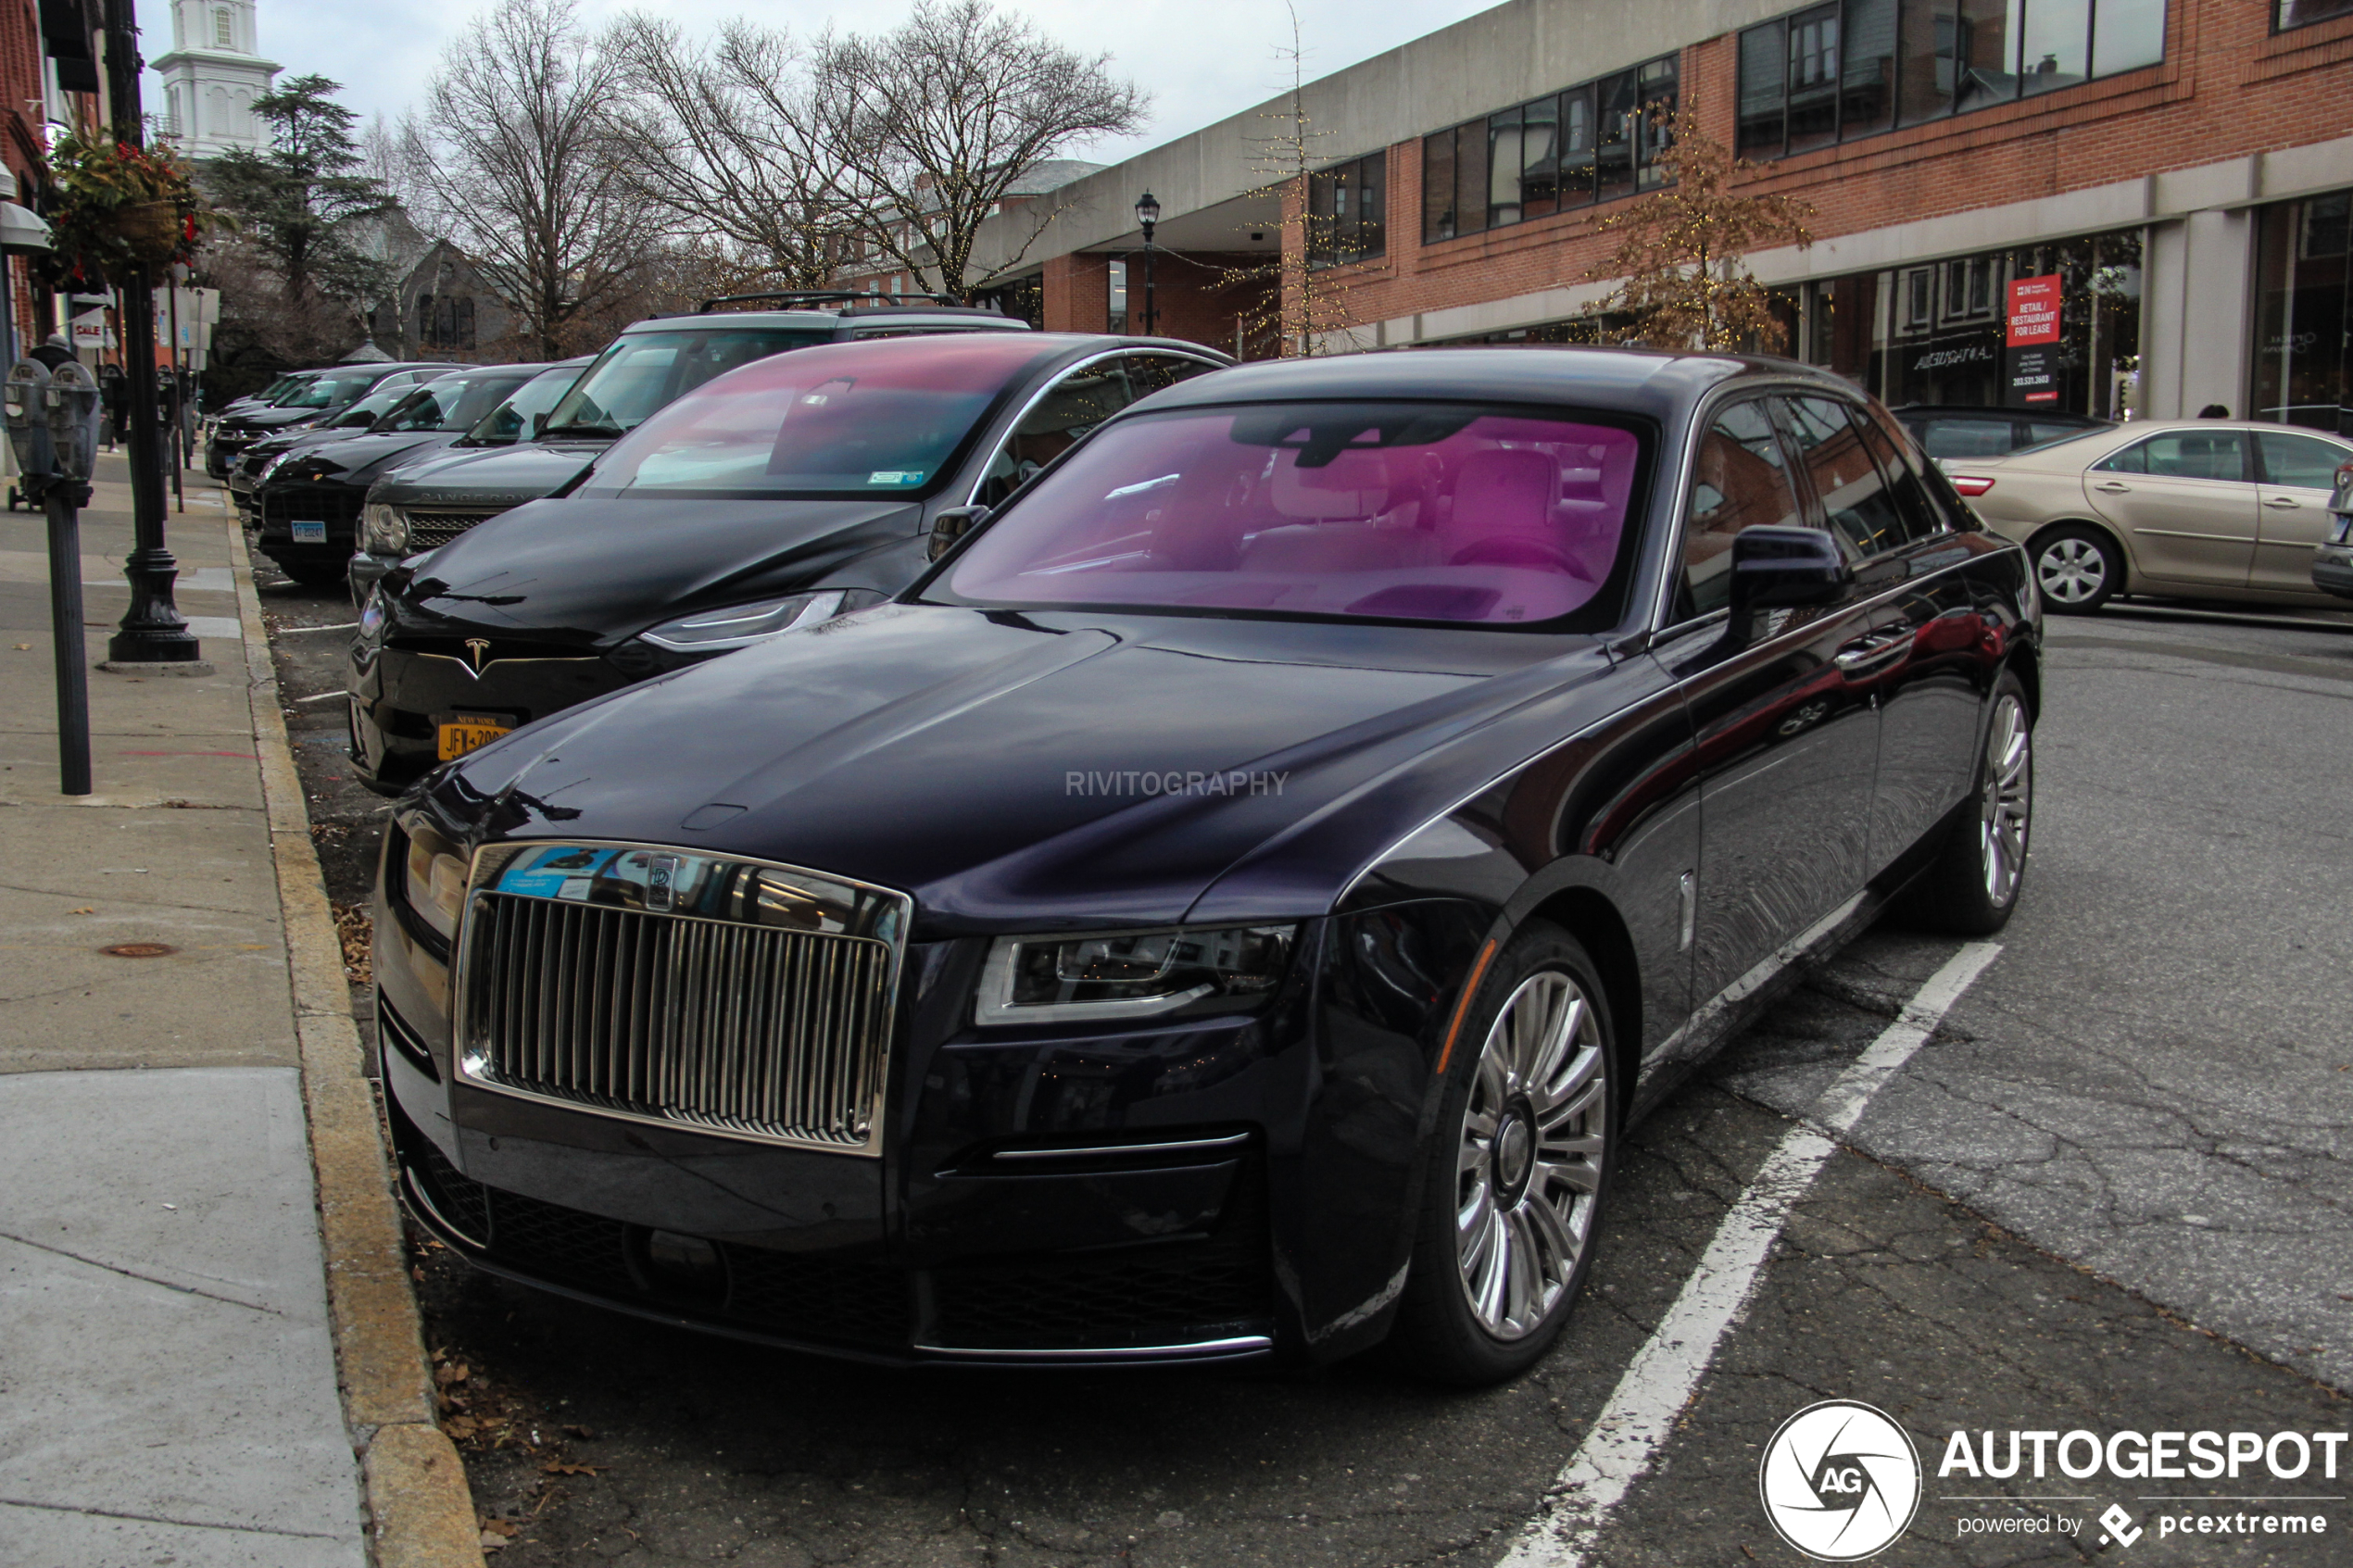 Nieuwe Rolls-Royce Ghost aan de andere kant van de plas aangekomen